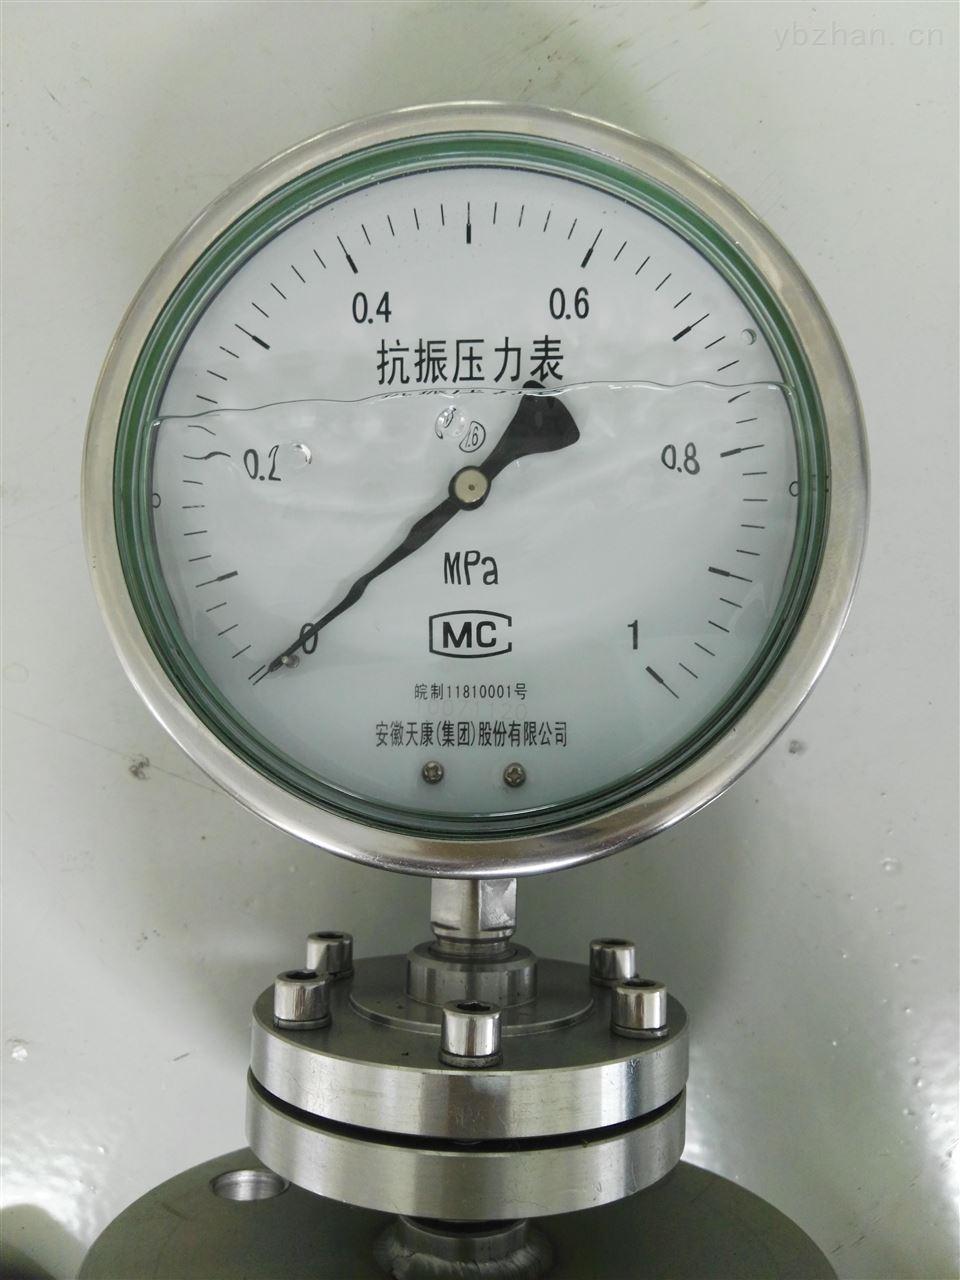 高压耐振型不锈钢隔膜压力表厂家报价